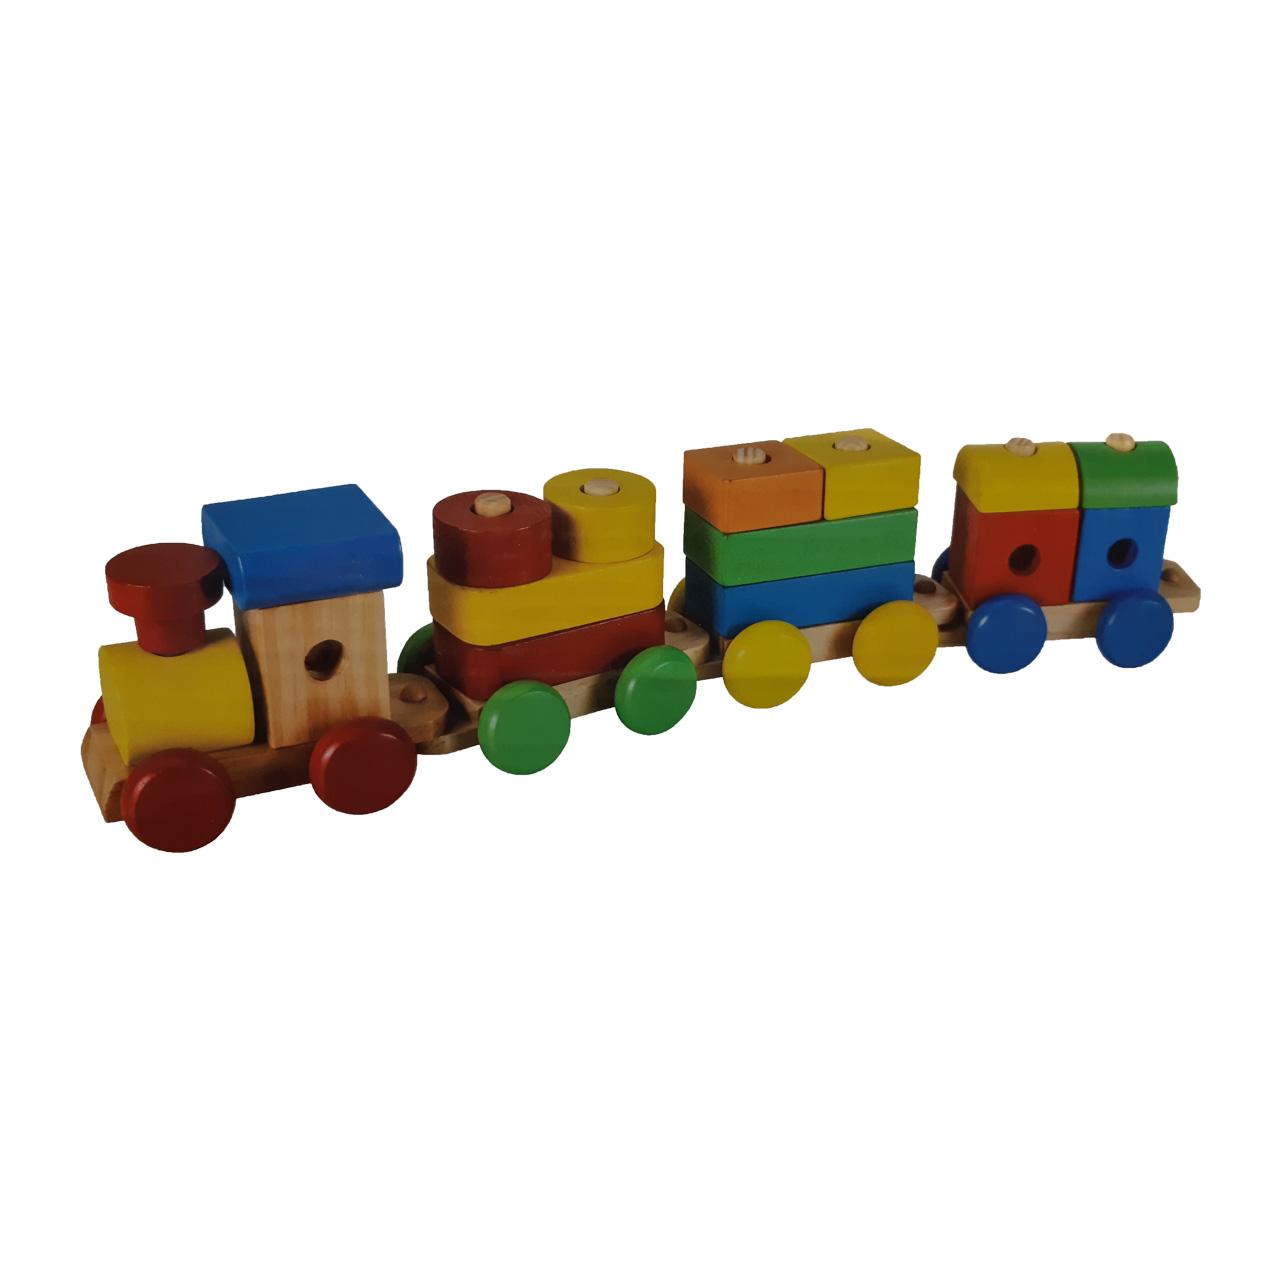 بازی آموزشی قطار چوبی مدل Puzzle Train